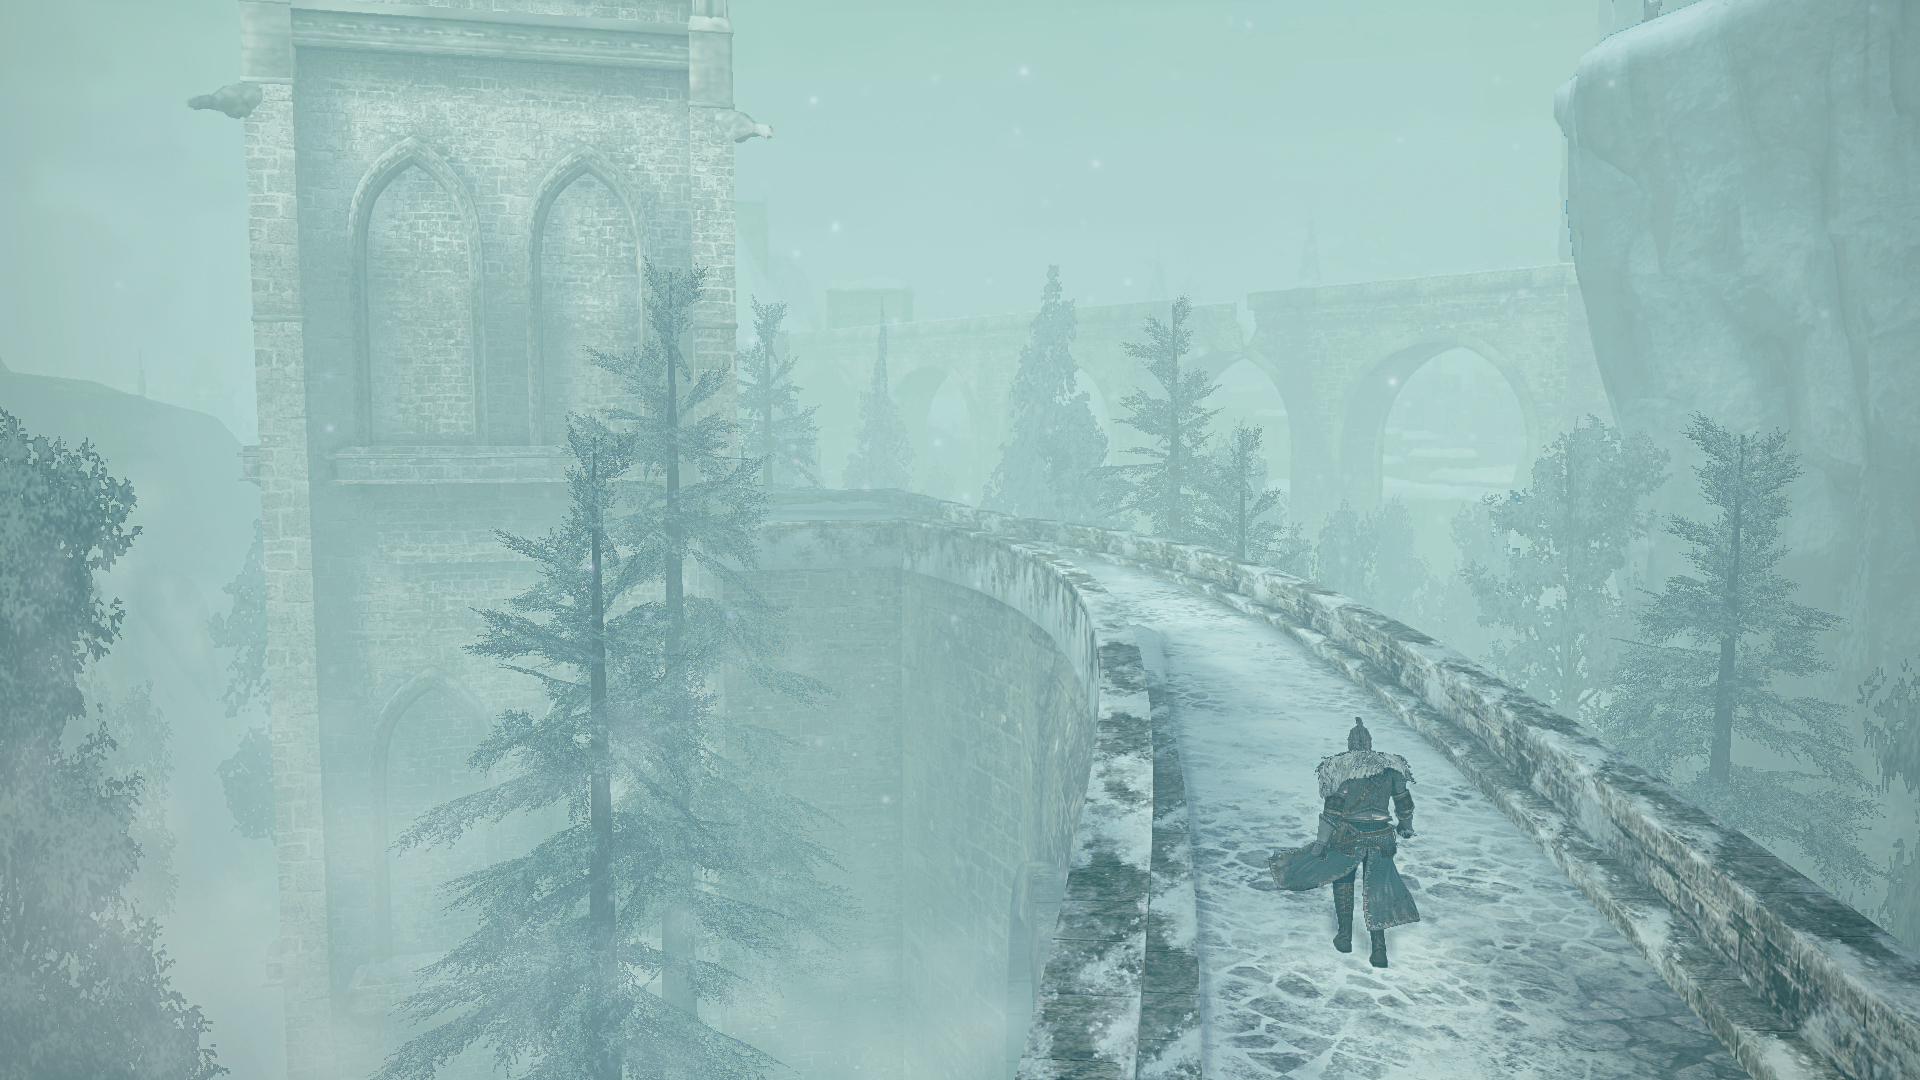 Mráz a vánice ve třetím DLC pro Dark Souls 2 100665